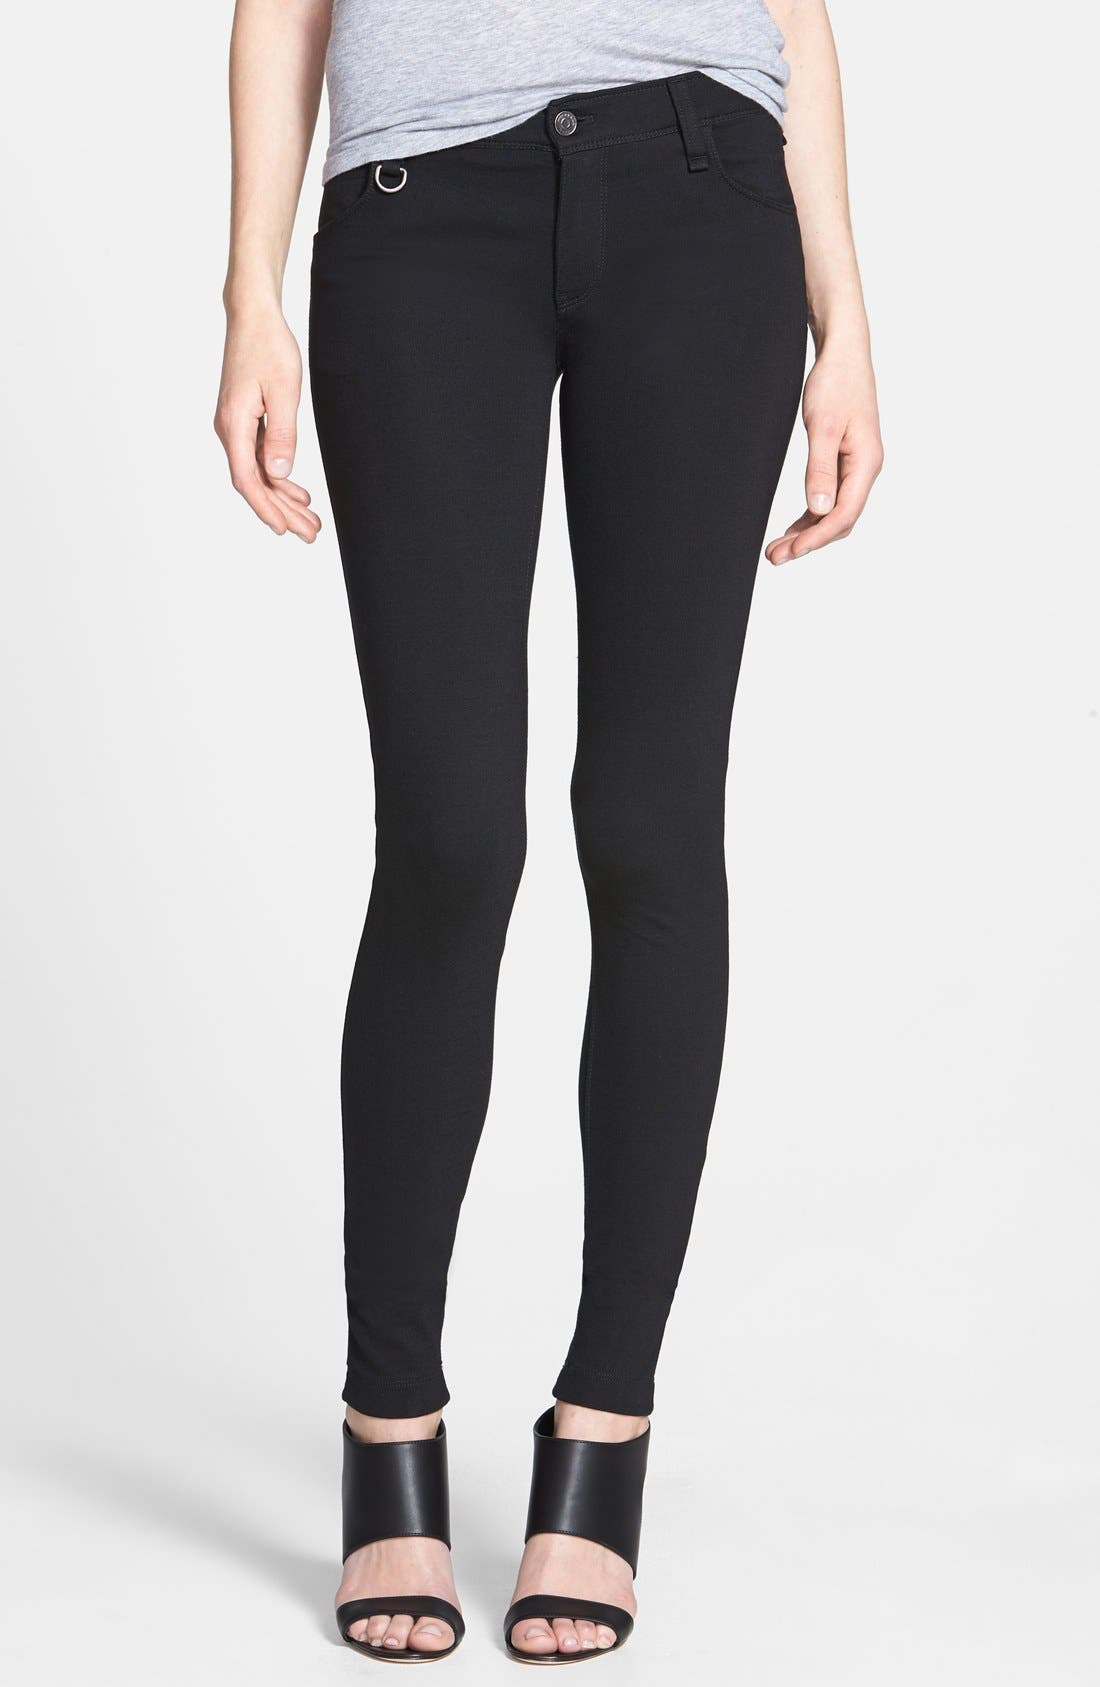 BURBERRY BRIT Five-Pocket Pants, Main, color, 001